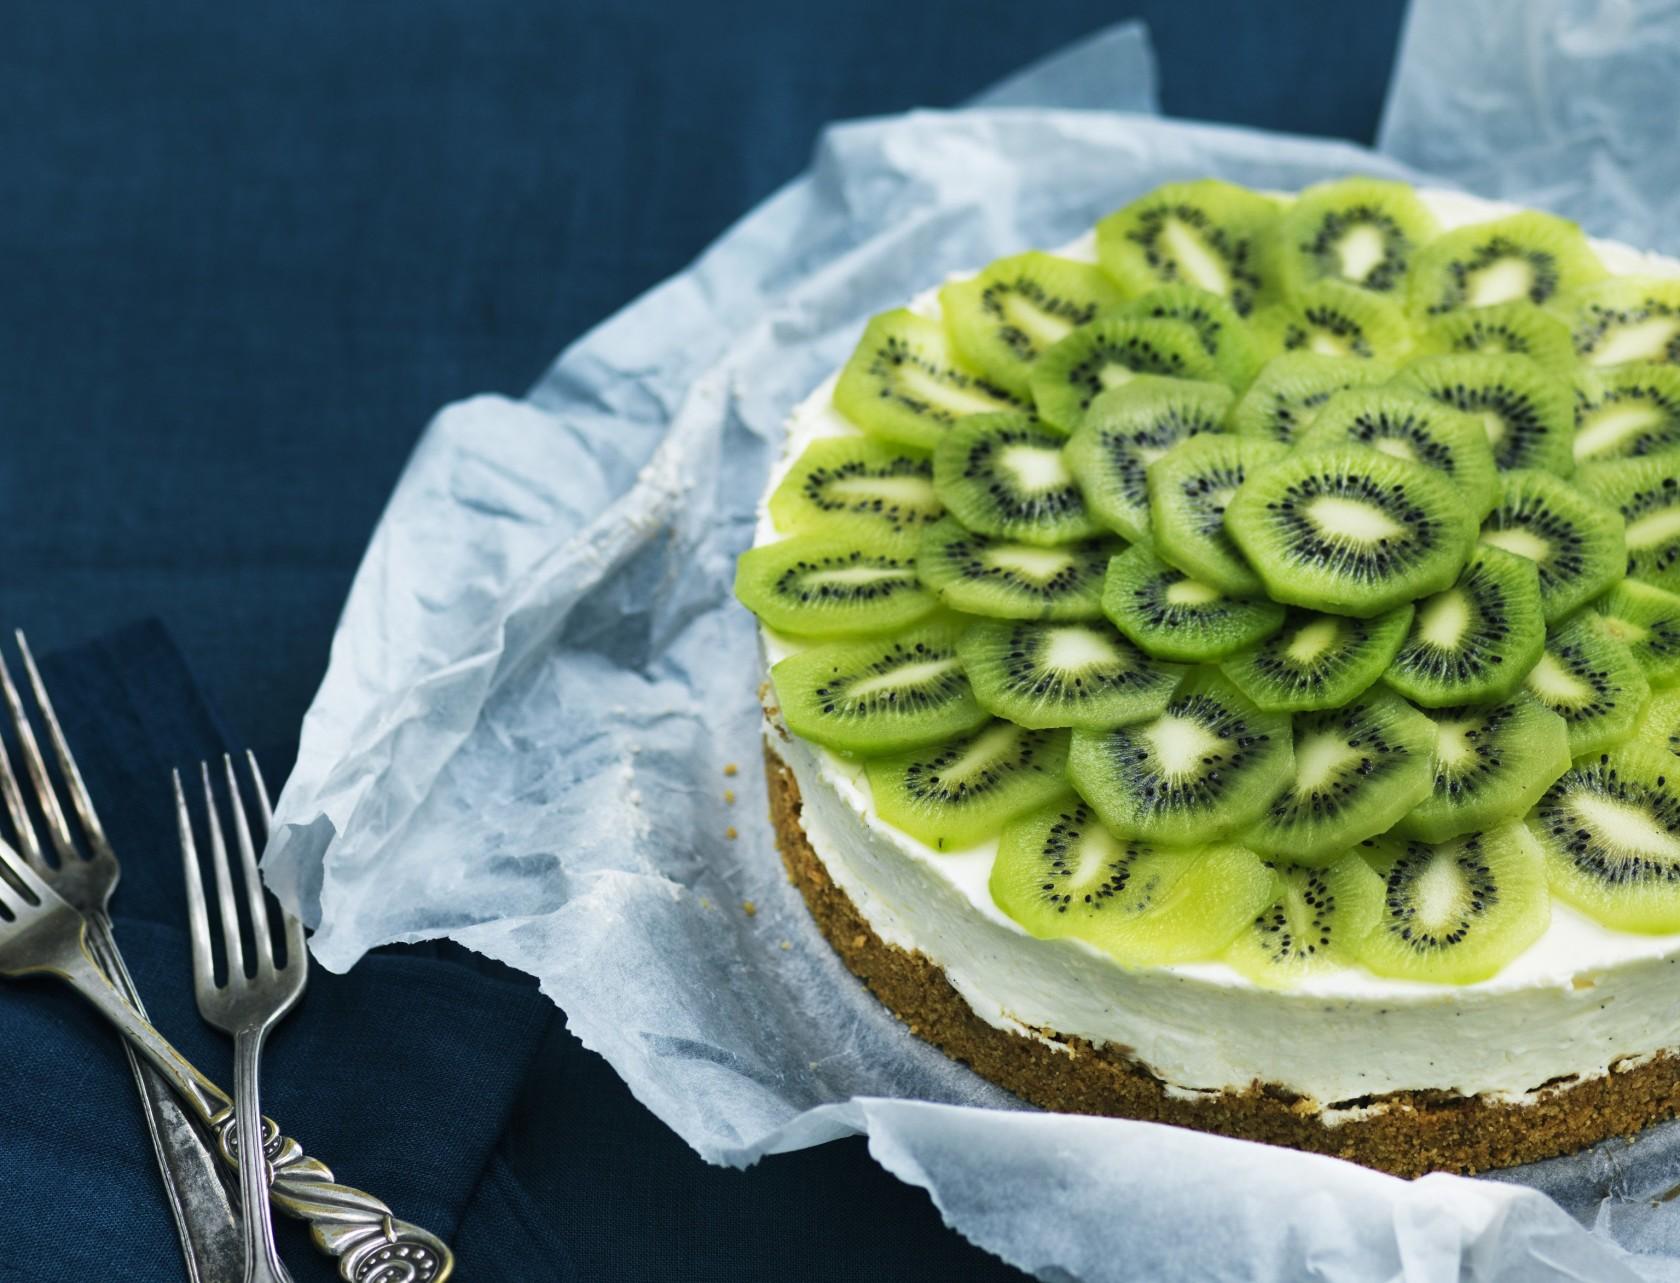 Oselagkage med kiwi - eller cheesecake, som du måske kender det.